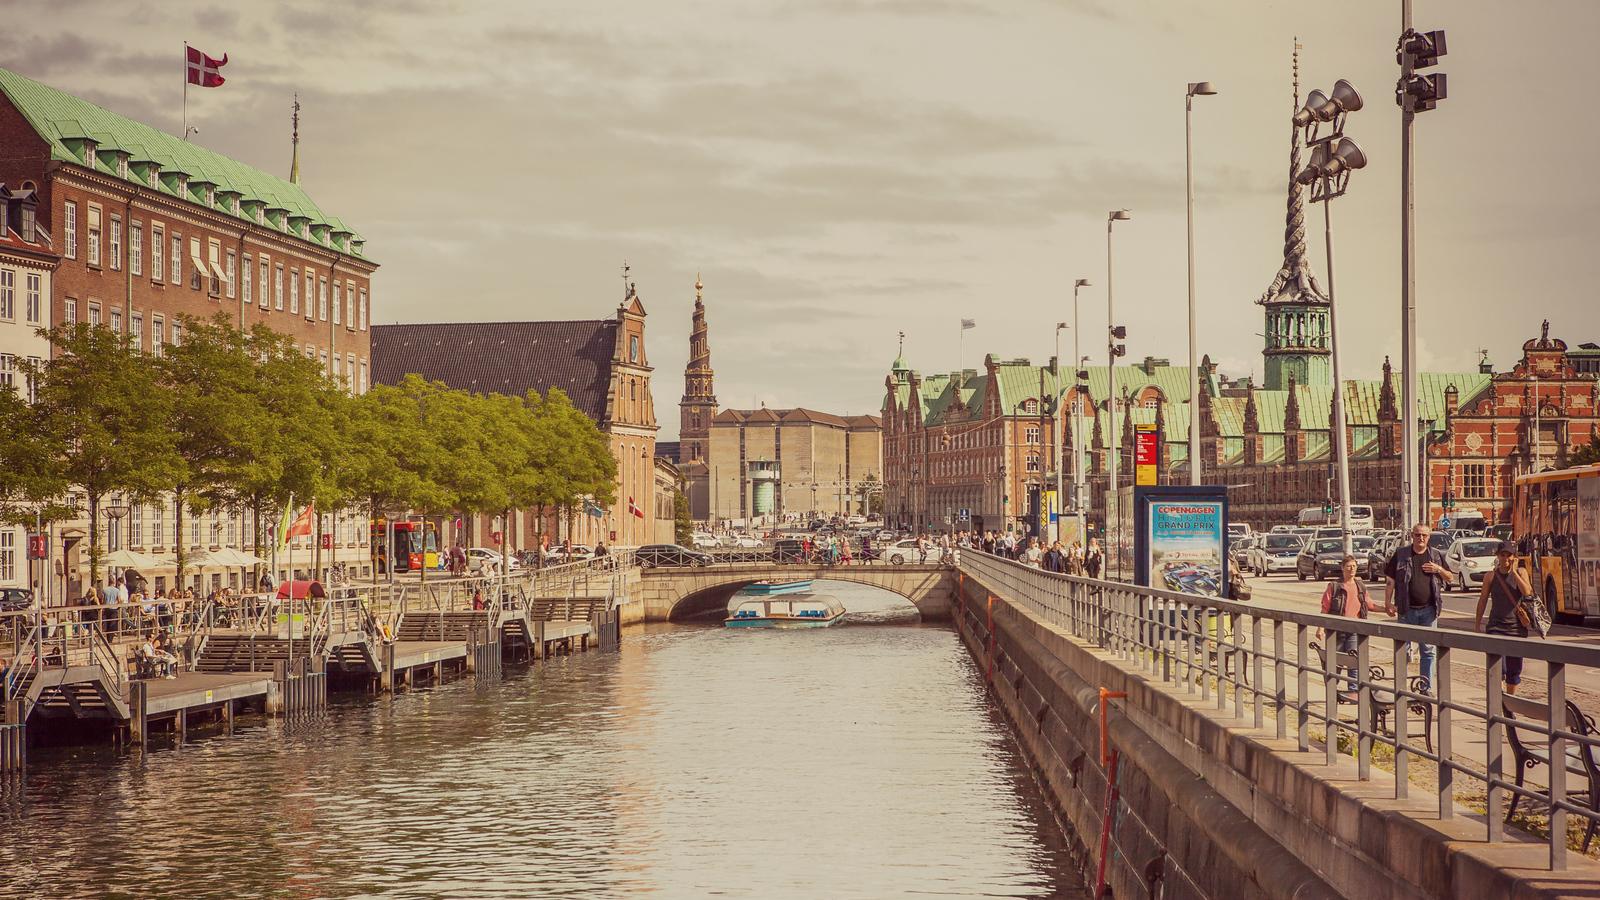 丹麦哥本哈根,岸边的游艇很养眼